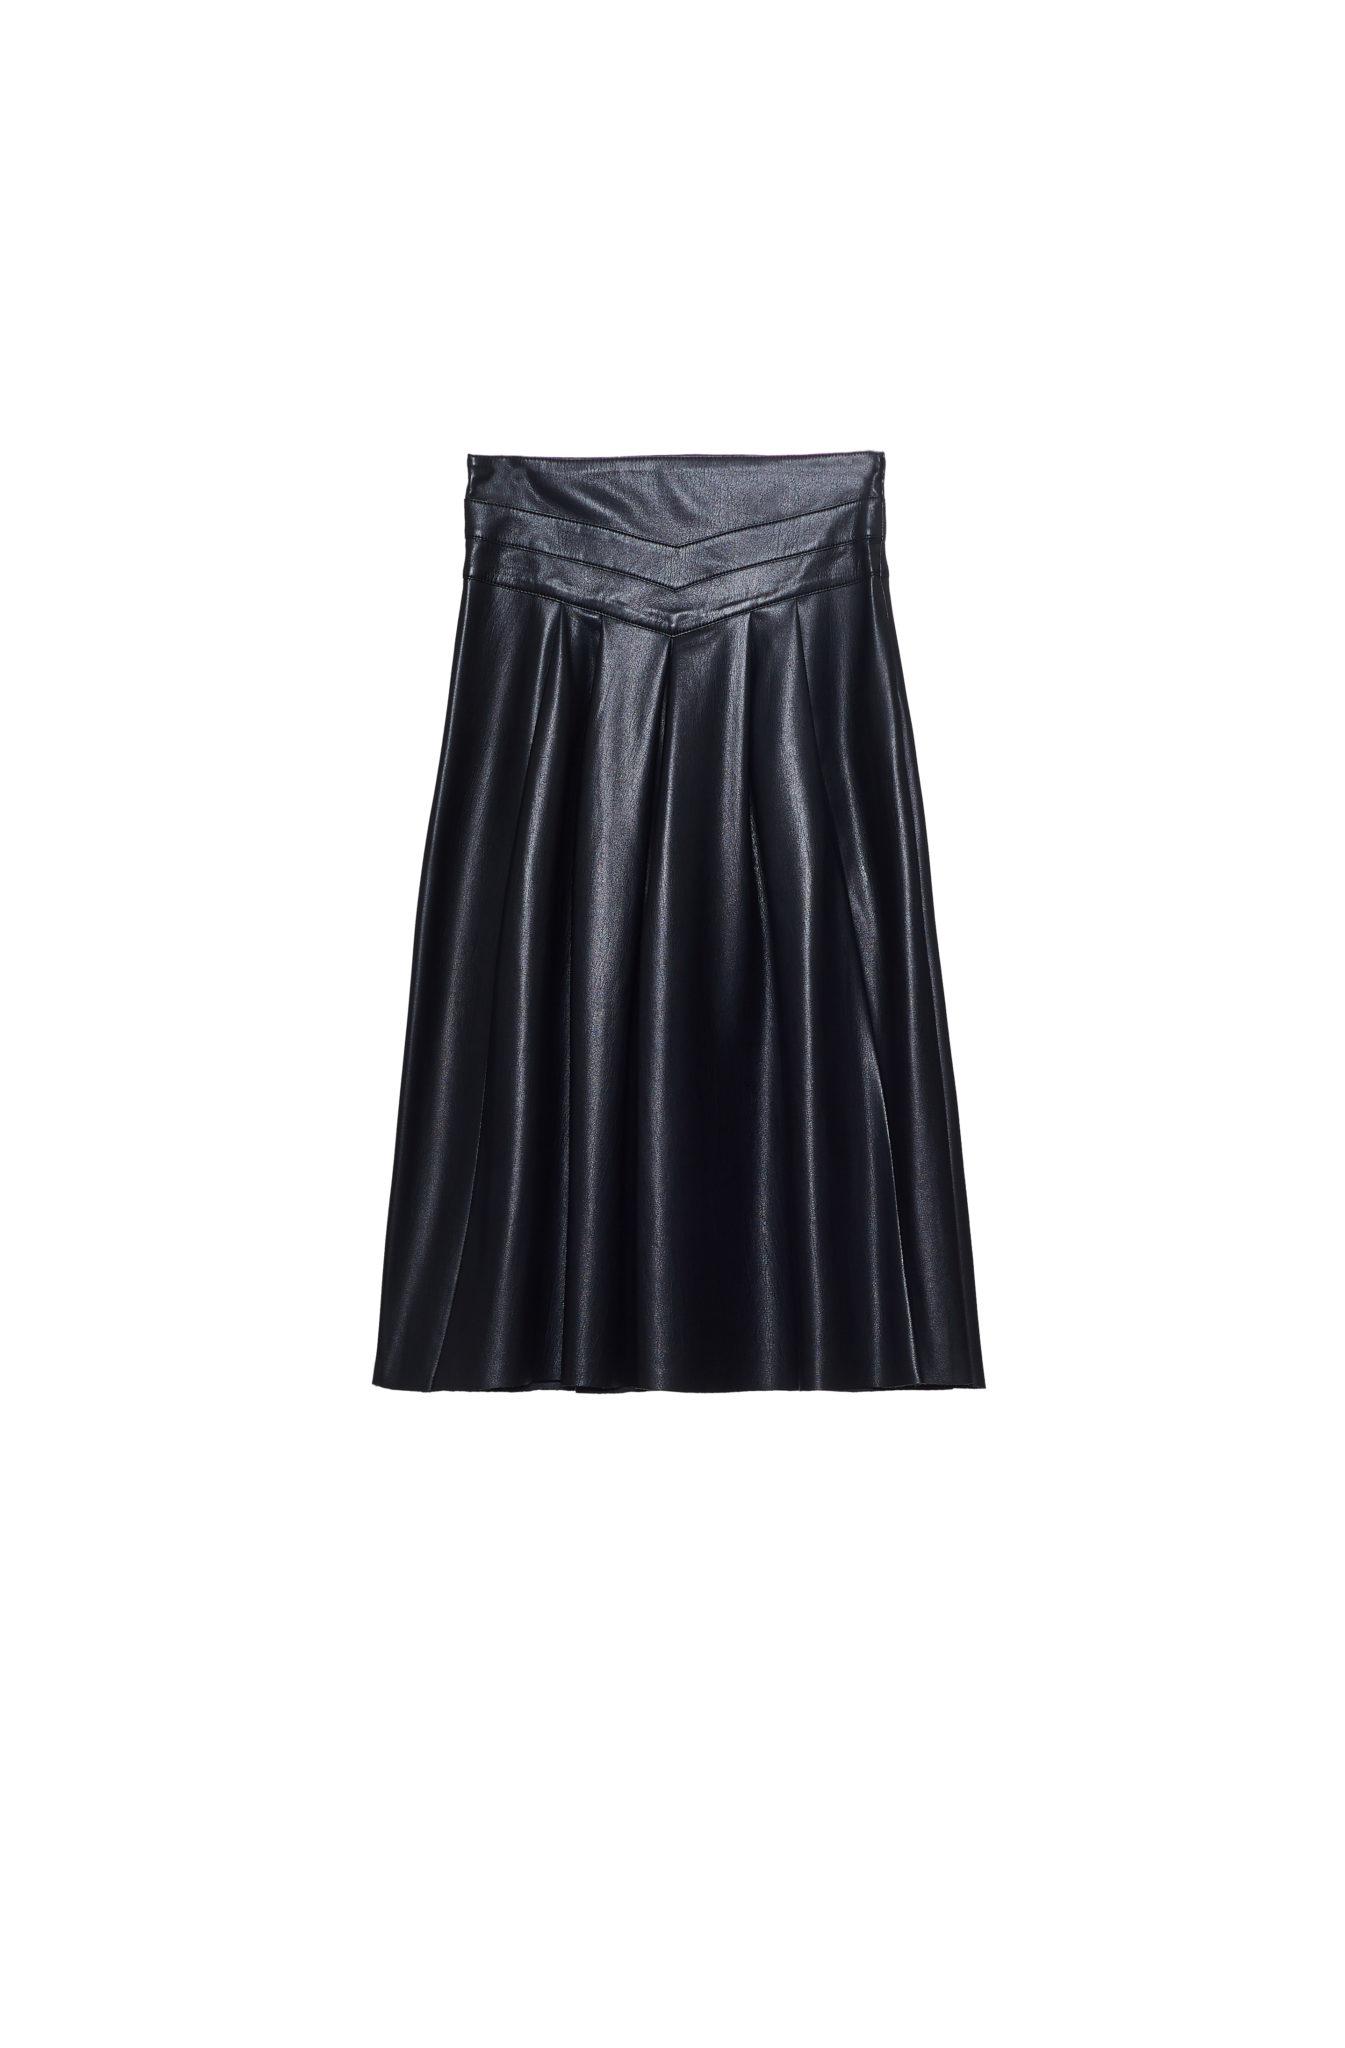 Ordell Vegan Leather Skirt from Joie